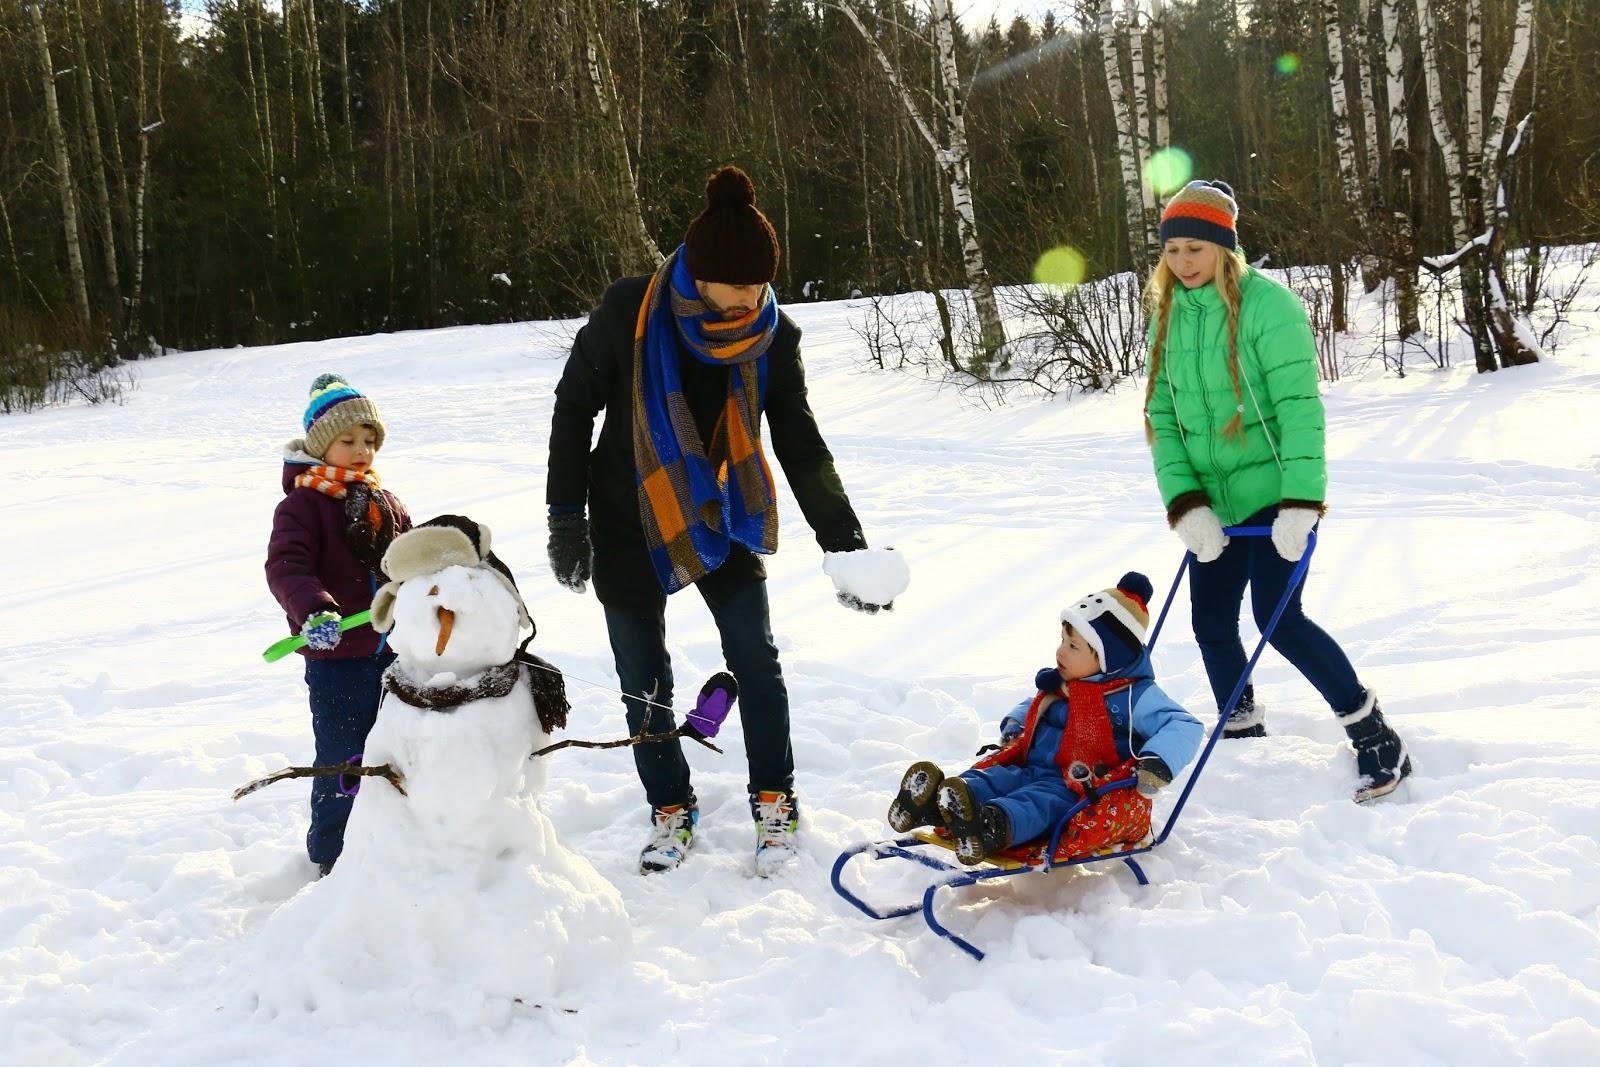 family doing outdoor winter activities